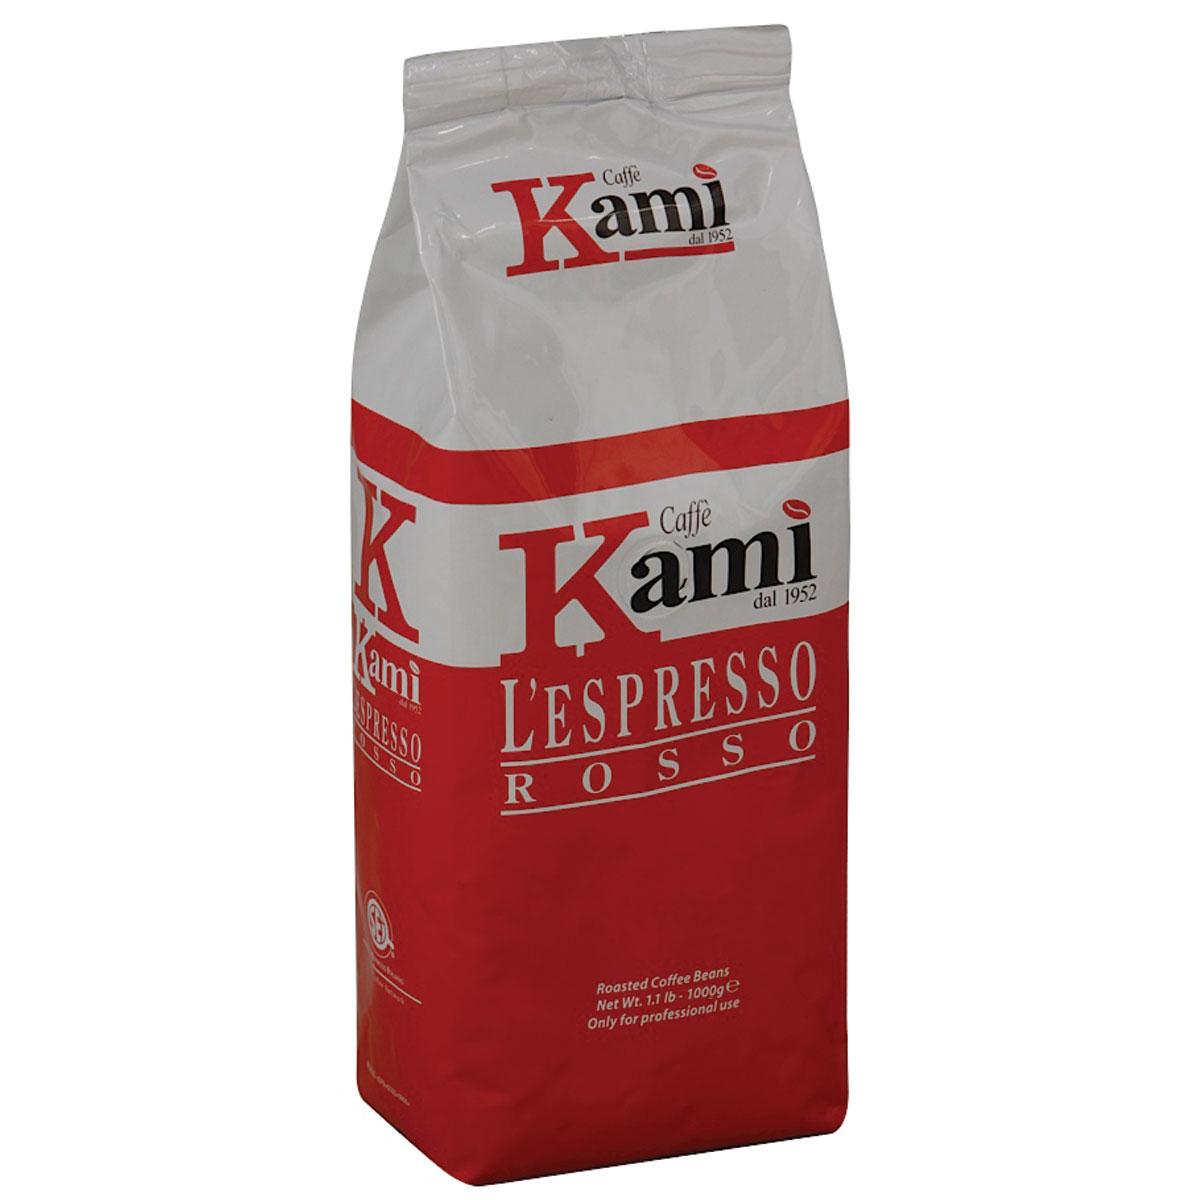 Kami Rosso кофе в зернах, 1 кг8033300583005Натуральный жареный зерновой кофе Kami Rosso. Колумбийские зерна арабики, придающие высокую плотность и сбалансированный вкус, в сочетании с индонезийской робустой, подчеркивающей нотки горького шоколада, делают эспрессо незабываемым. Рекомендуется для приготовления ристретто, эспрессо, капучино. Состав смеси: 75% арабика, 25% робуста.